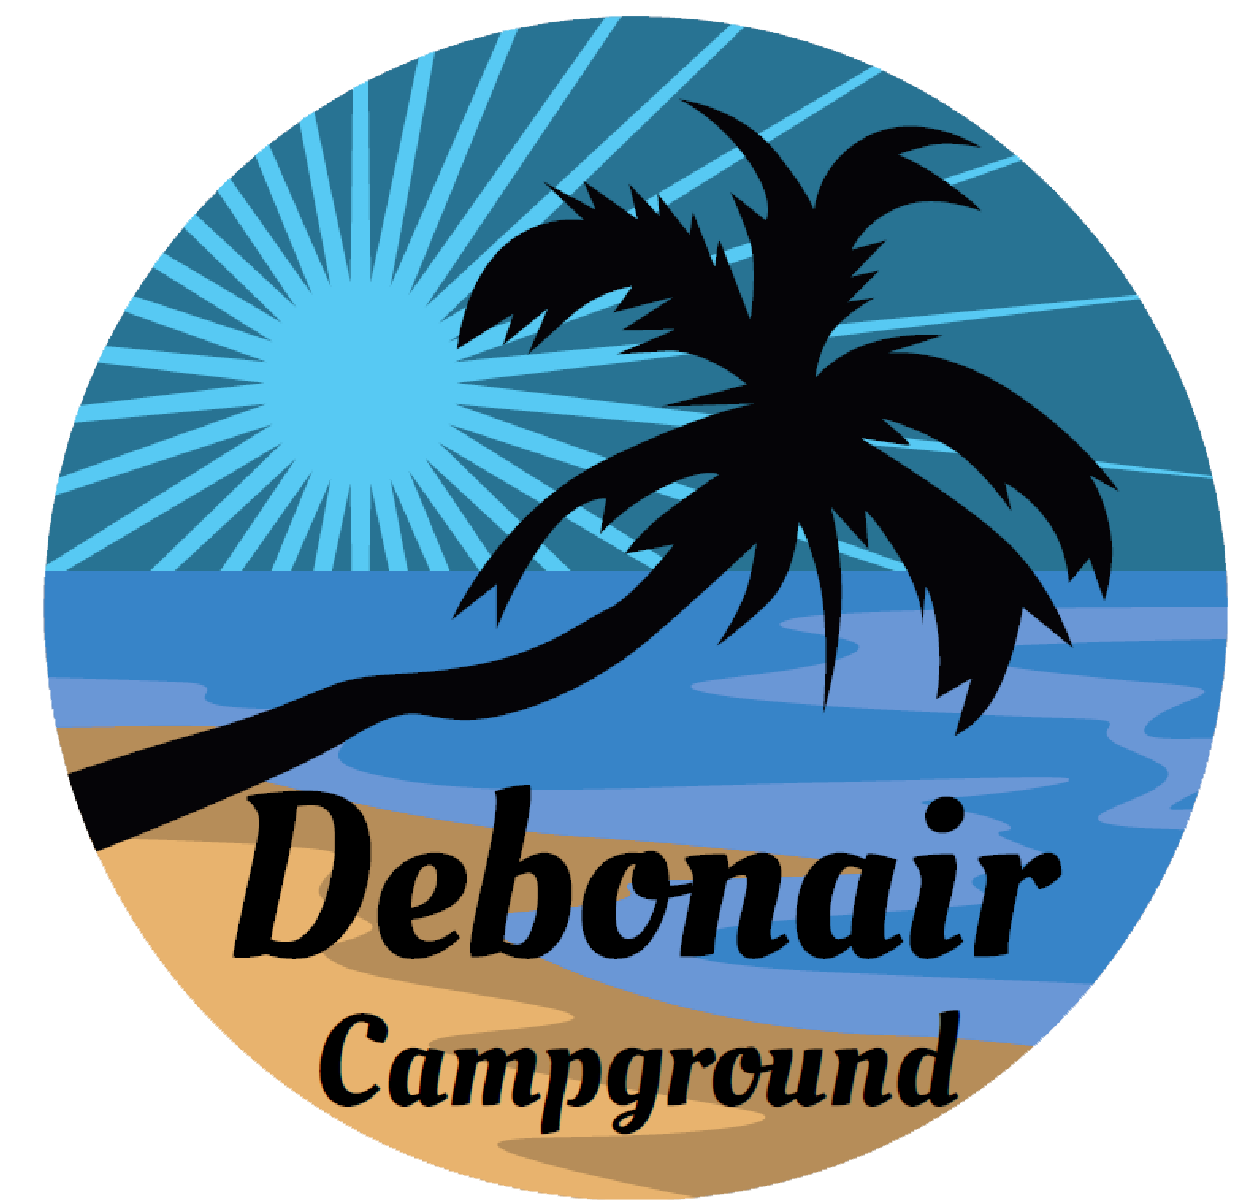 Debonair Campground